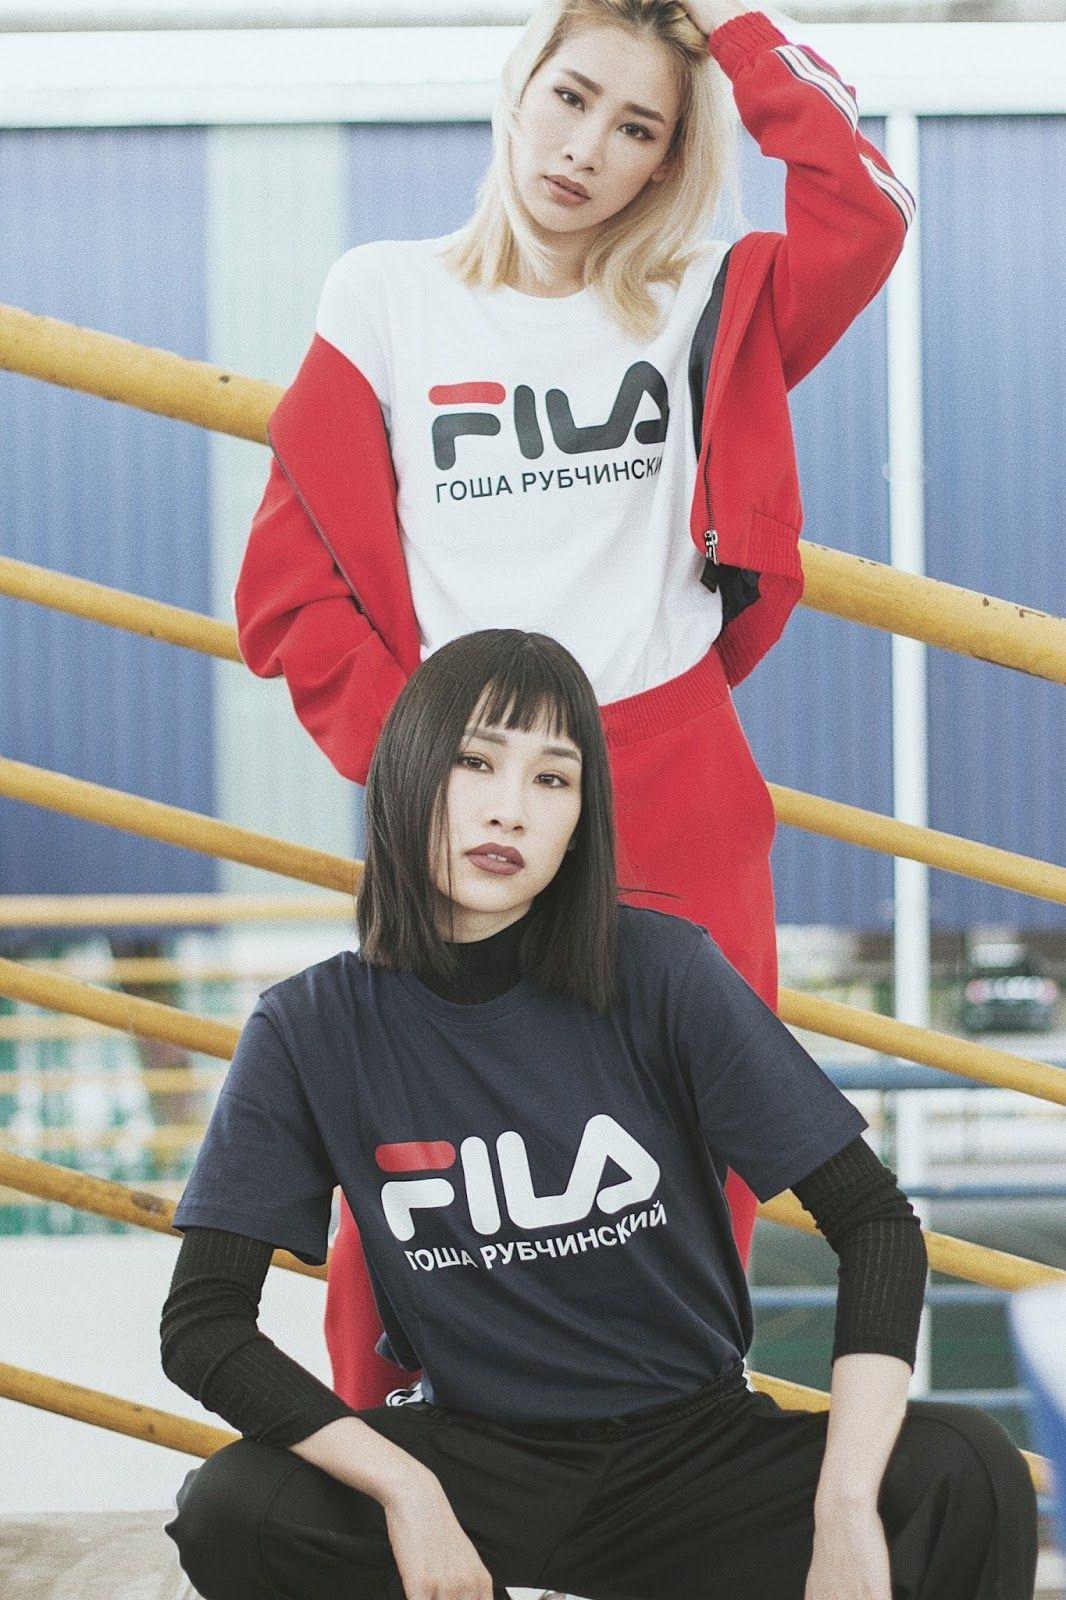 OUR DAY WITH GOSHA RUBCHINSKIY X FILA | Duo Gigs